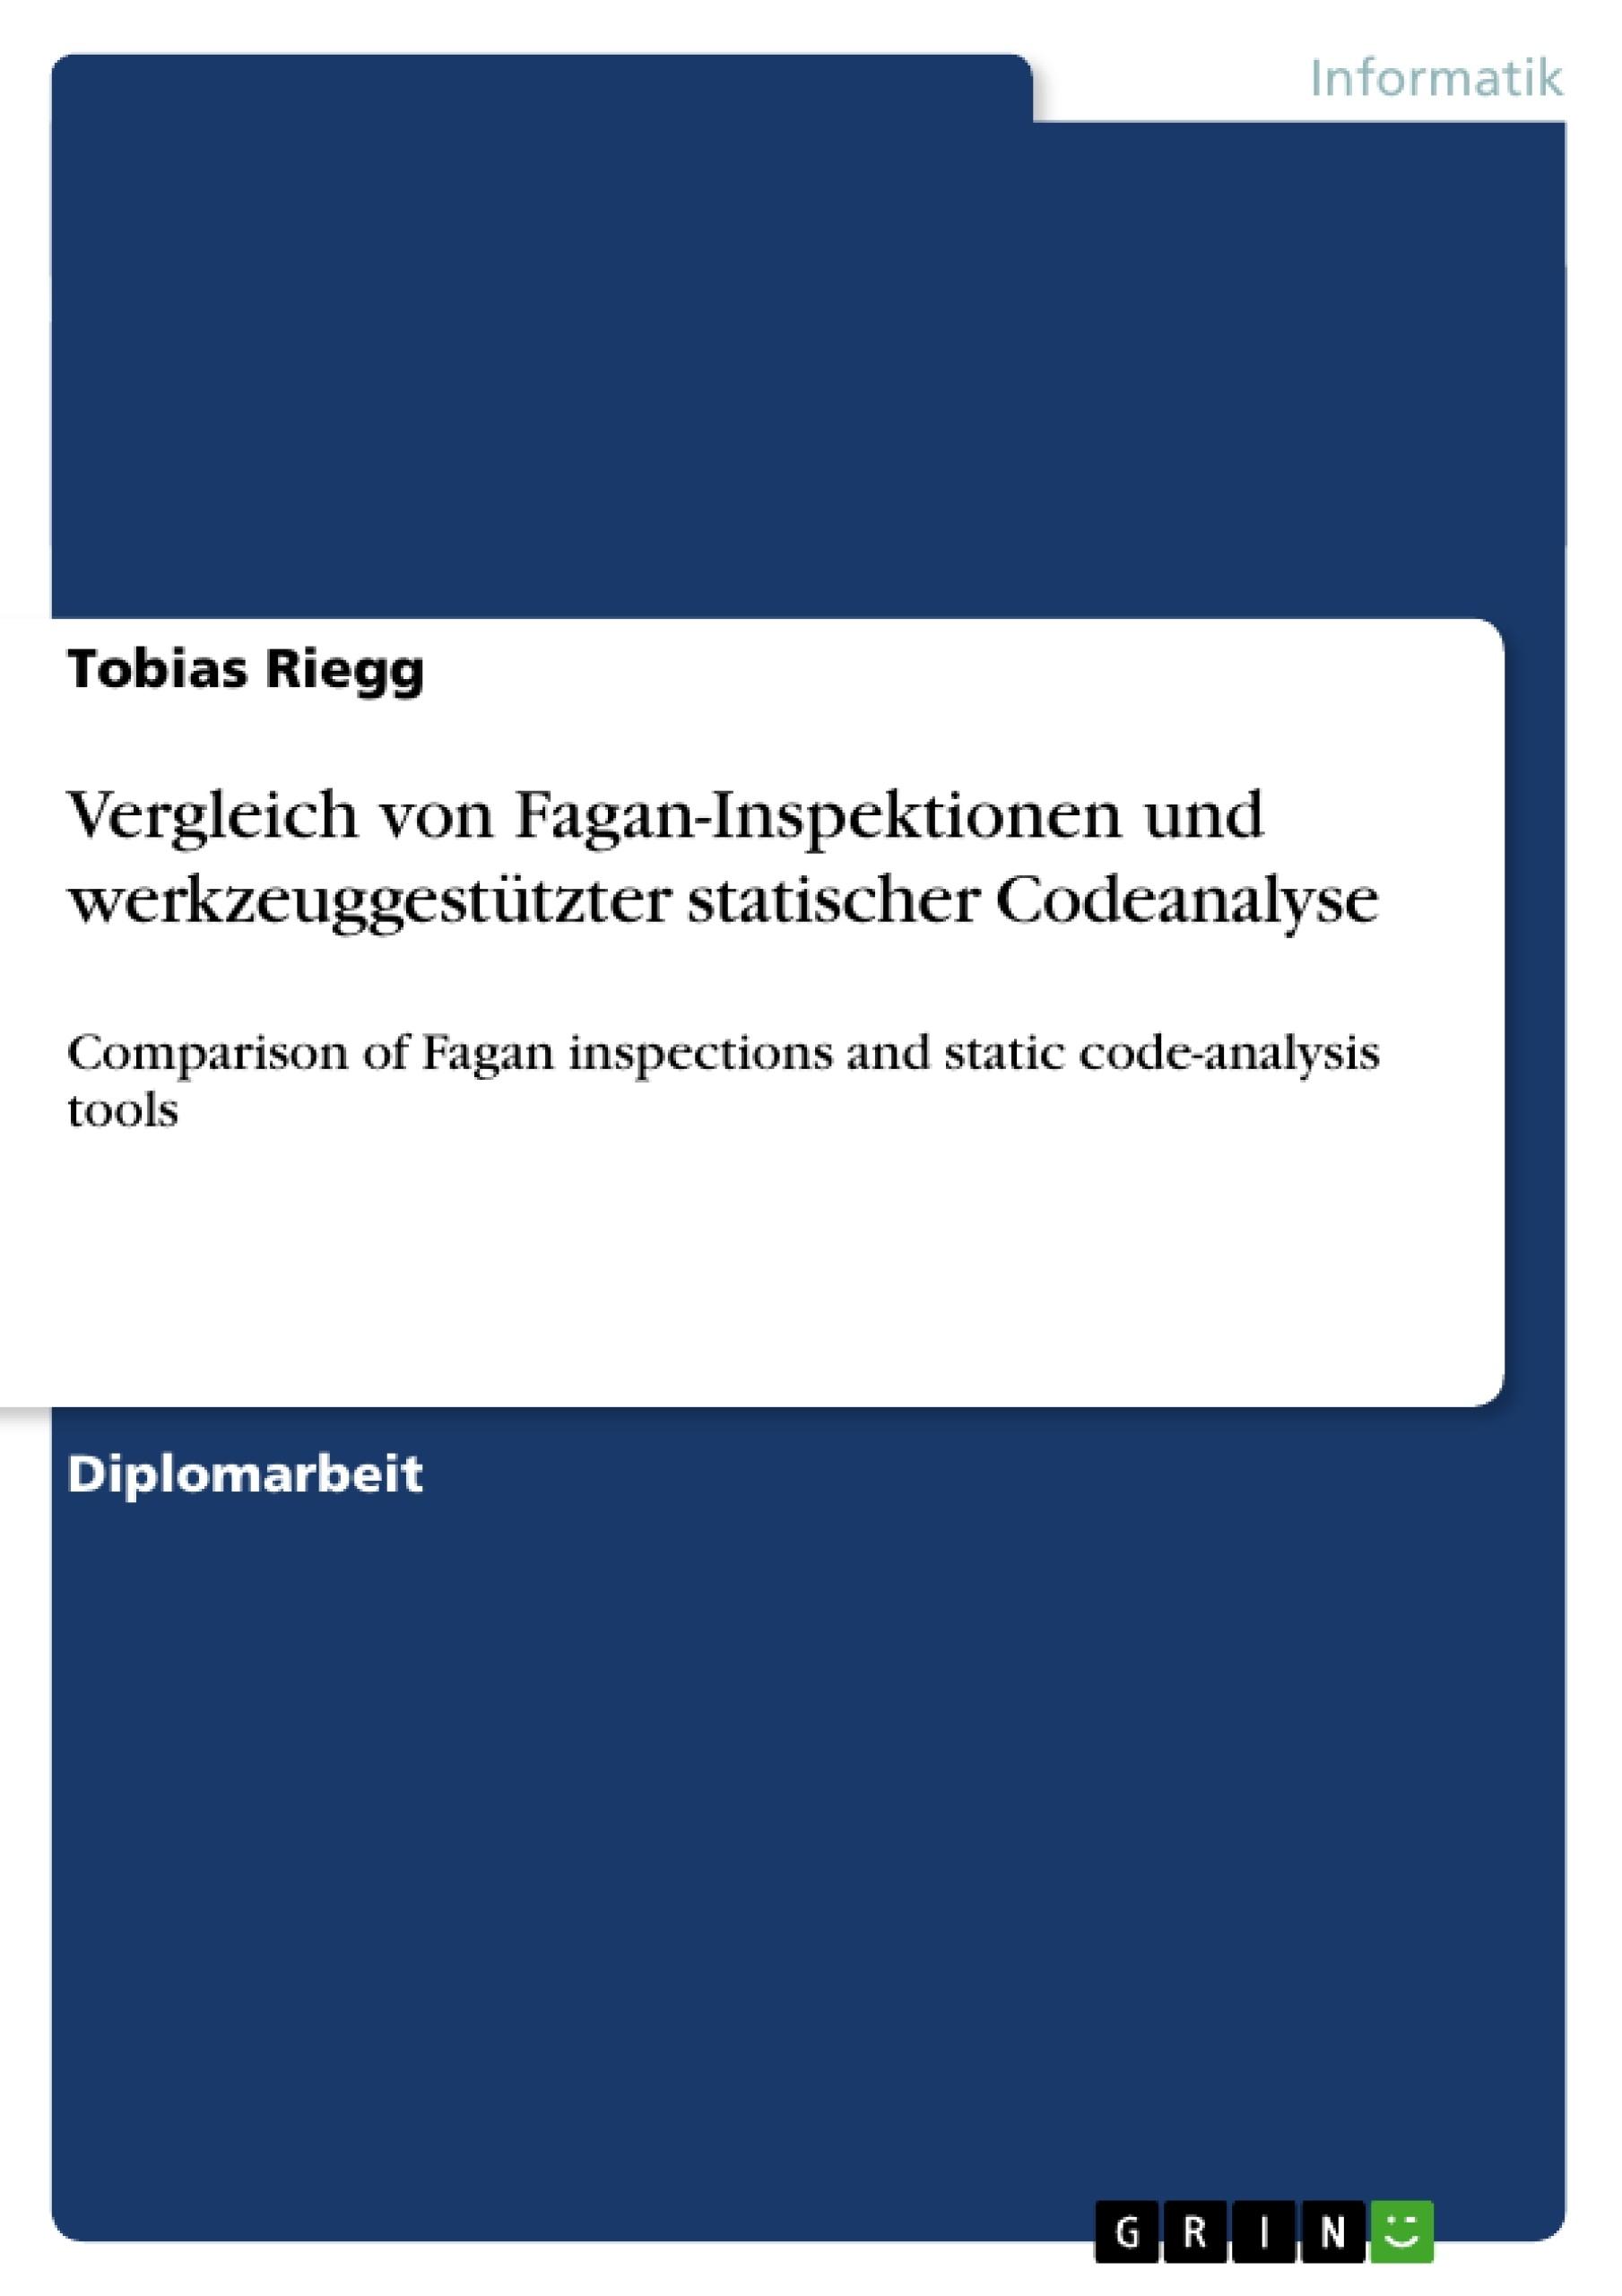 Titel: Vergleich von Fagan-Inspektionen und werkzeuggestützter statischer Codeanalyse